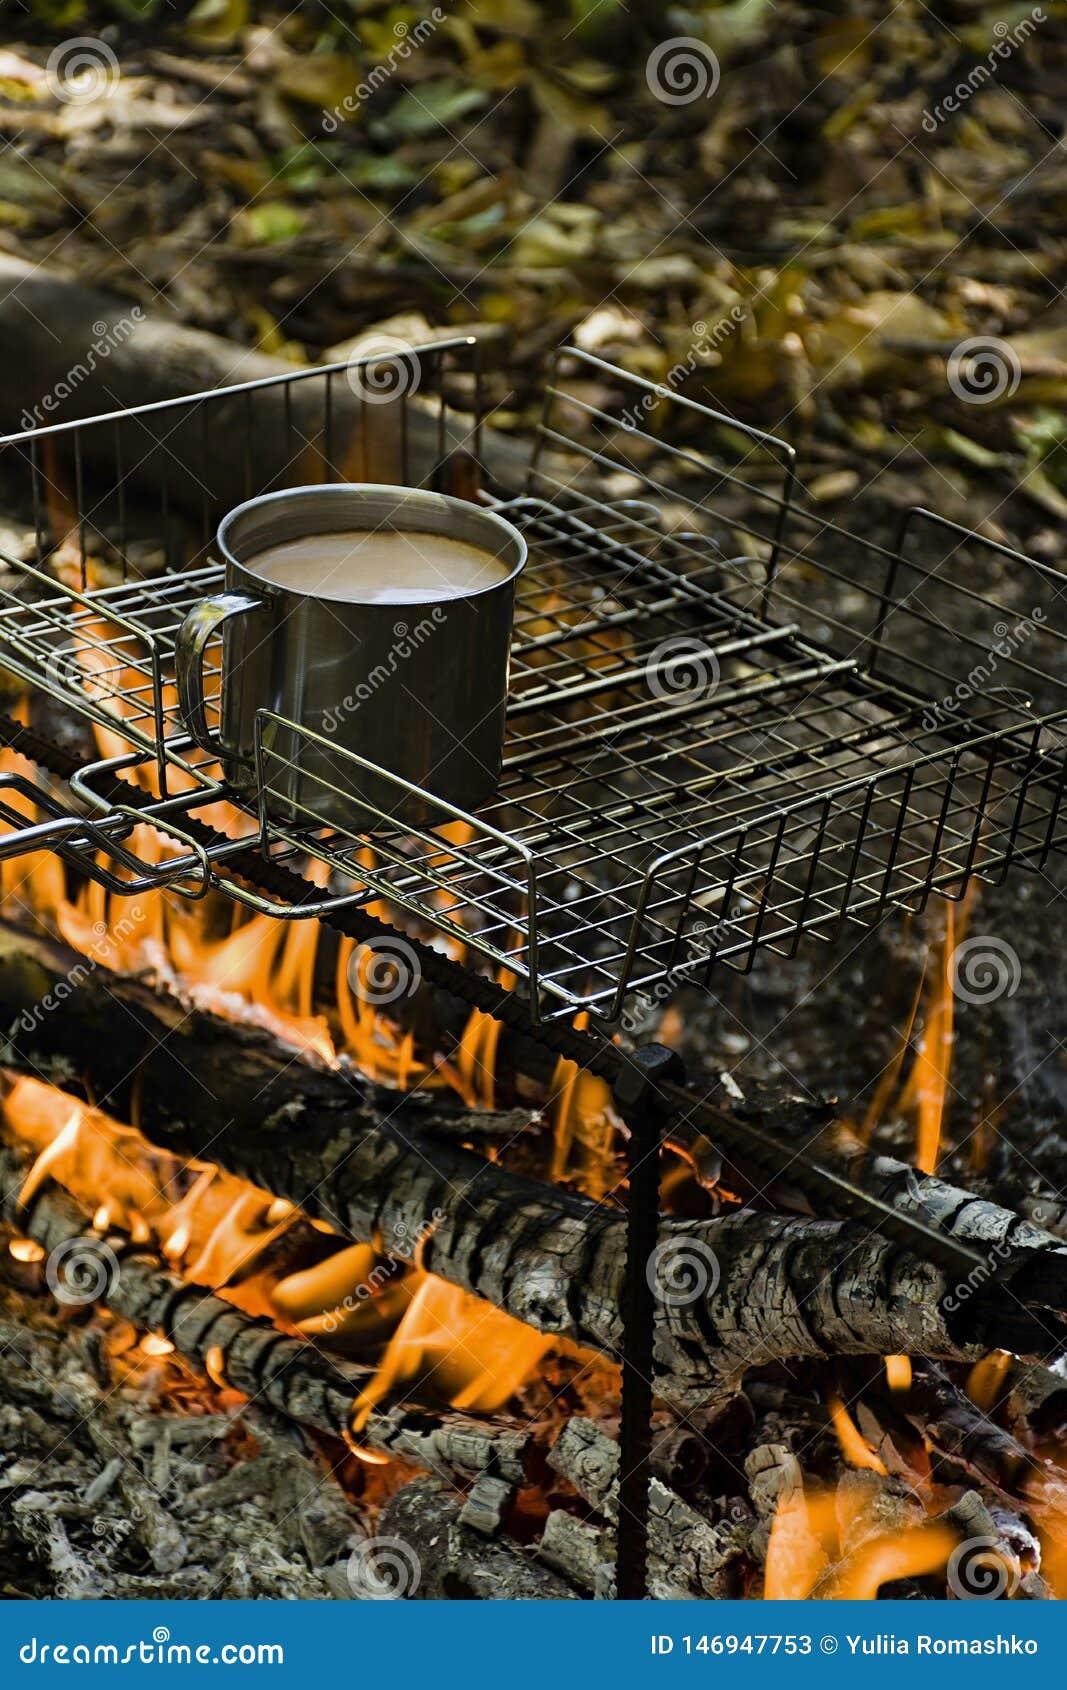 Het verwarmen van een kop van koffie terwijl het branden van een brand in een wild kampeerterrein